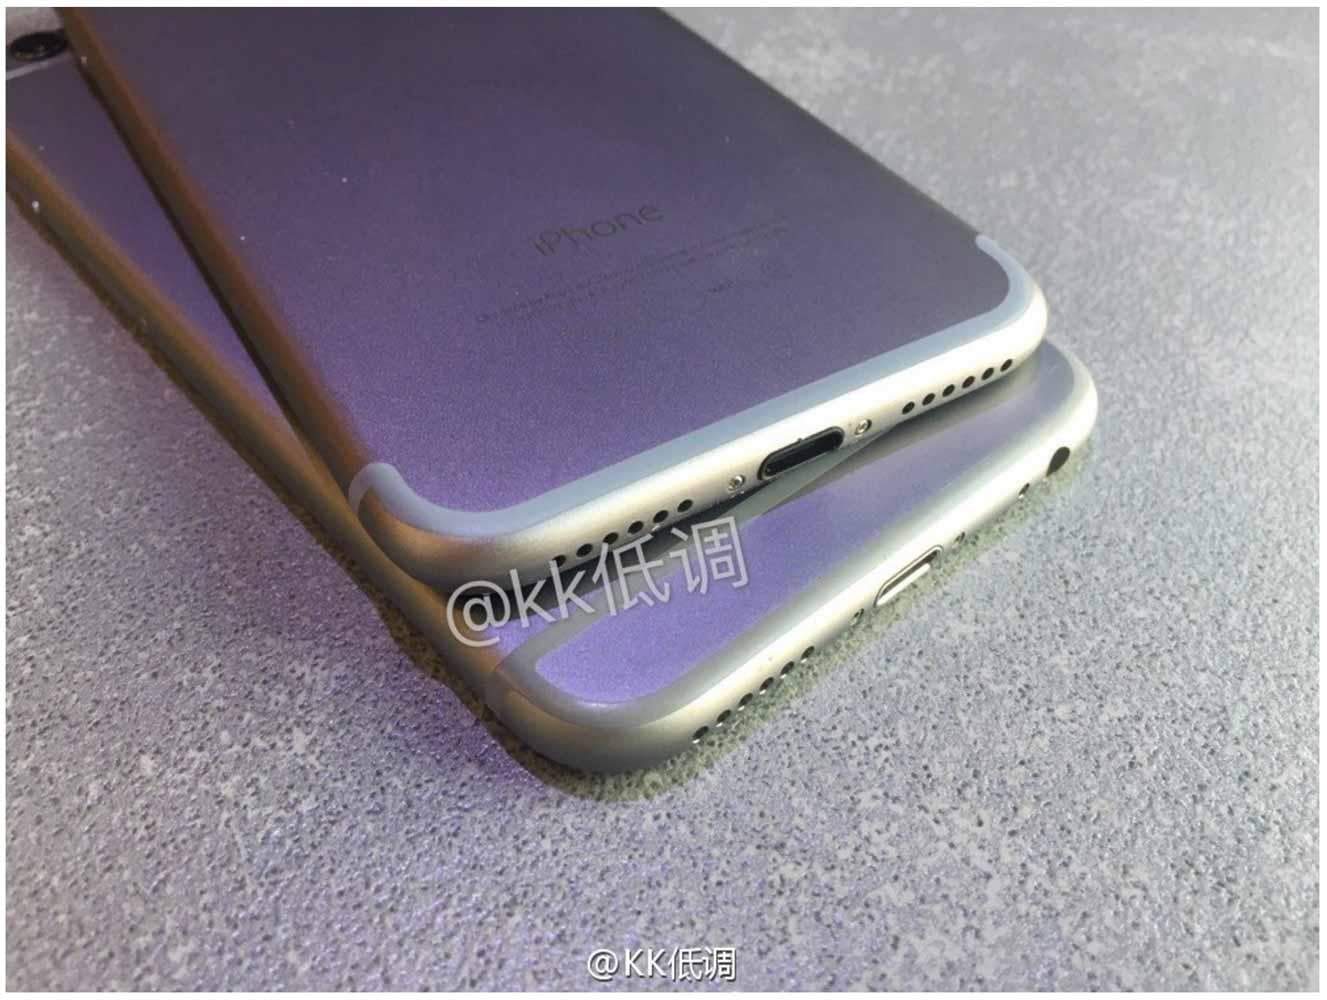 Iphone76shikaku 02